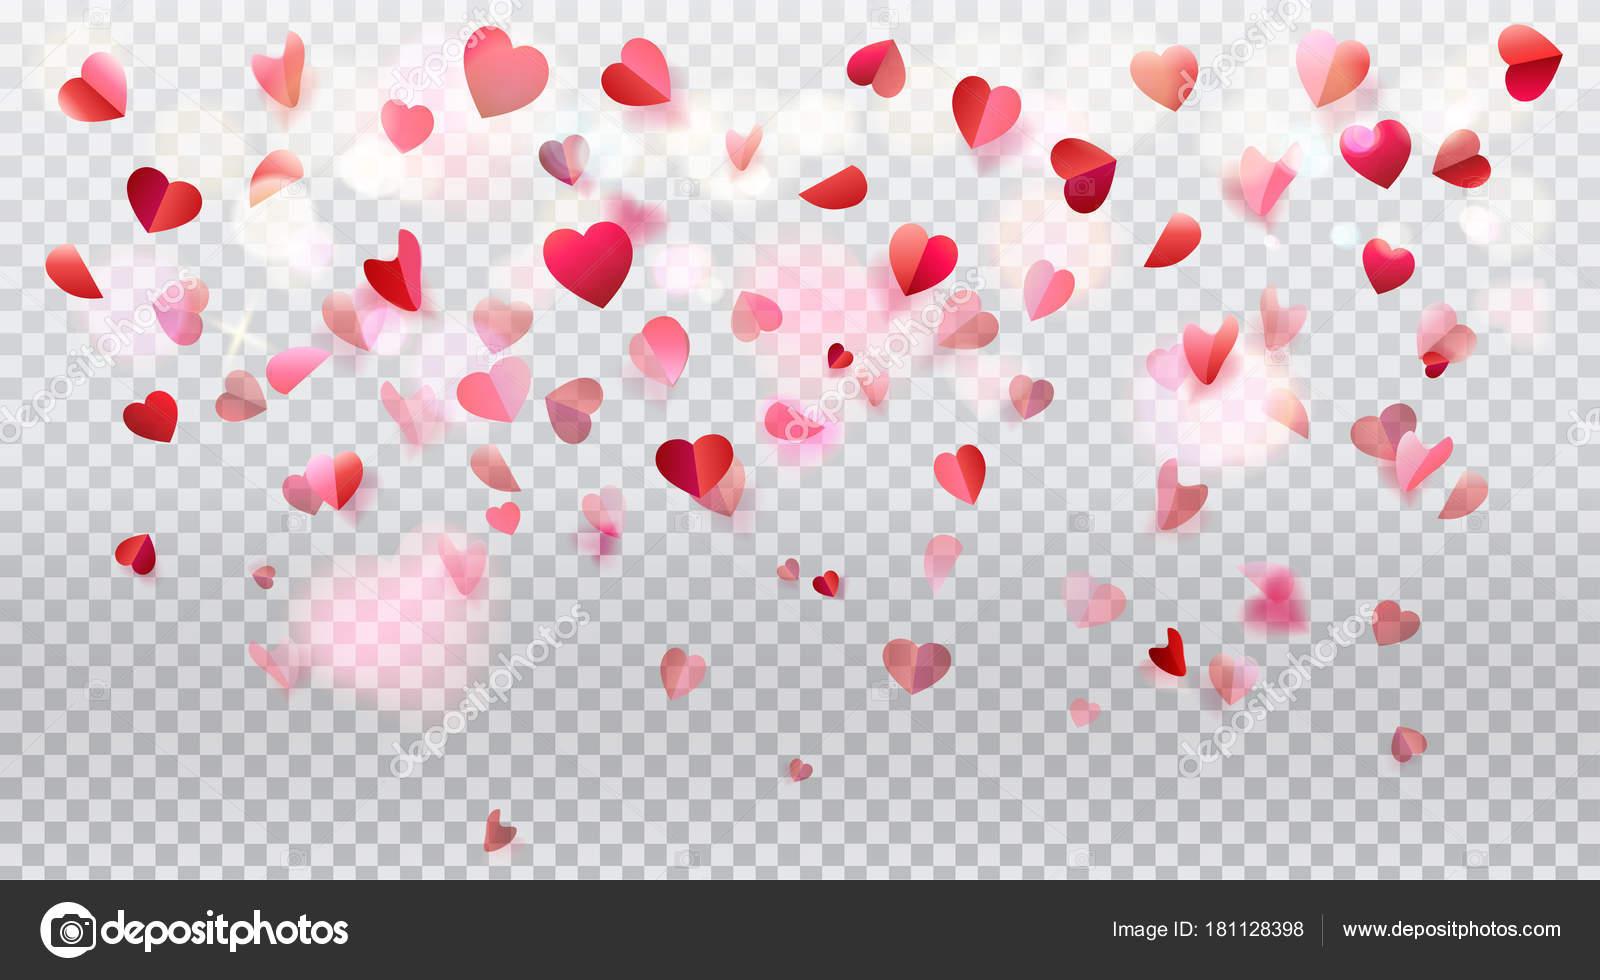 Hochzeitstag Urlaub | Valentinstag Muttertag Frauentag Urlaub Geburtstag Jubilaum